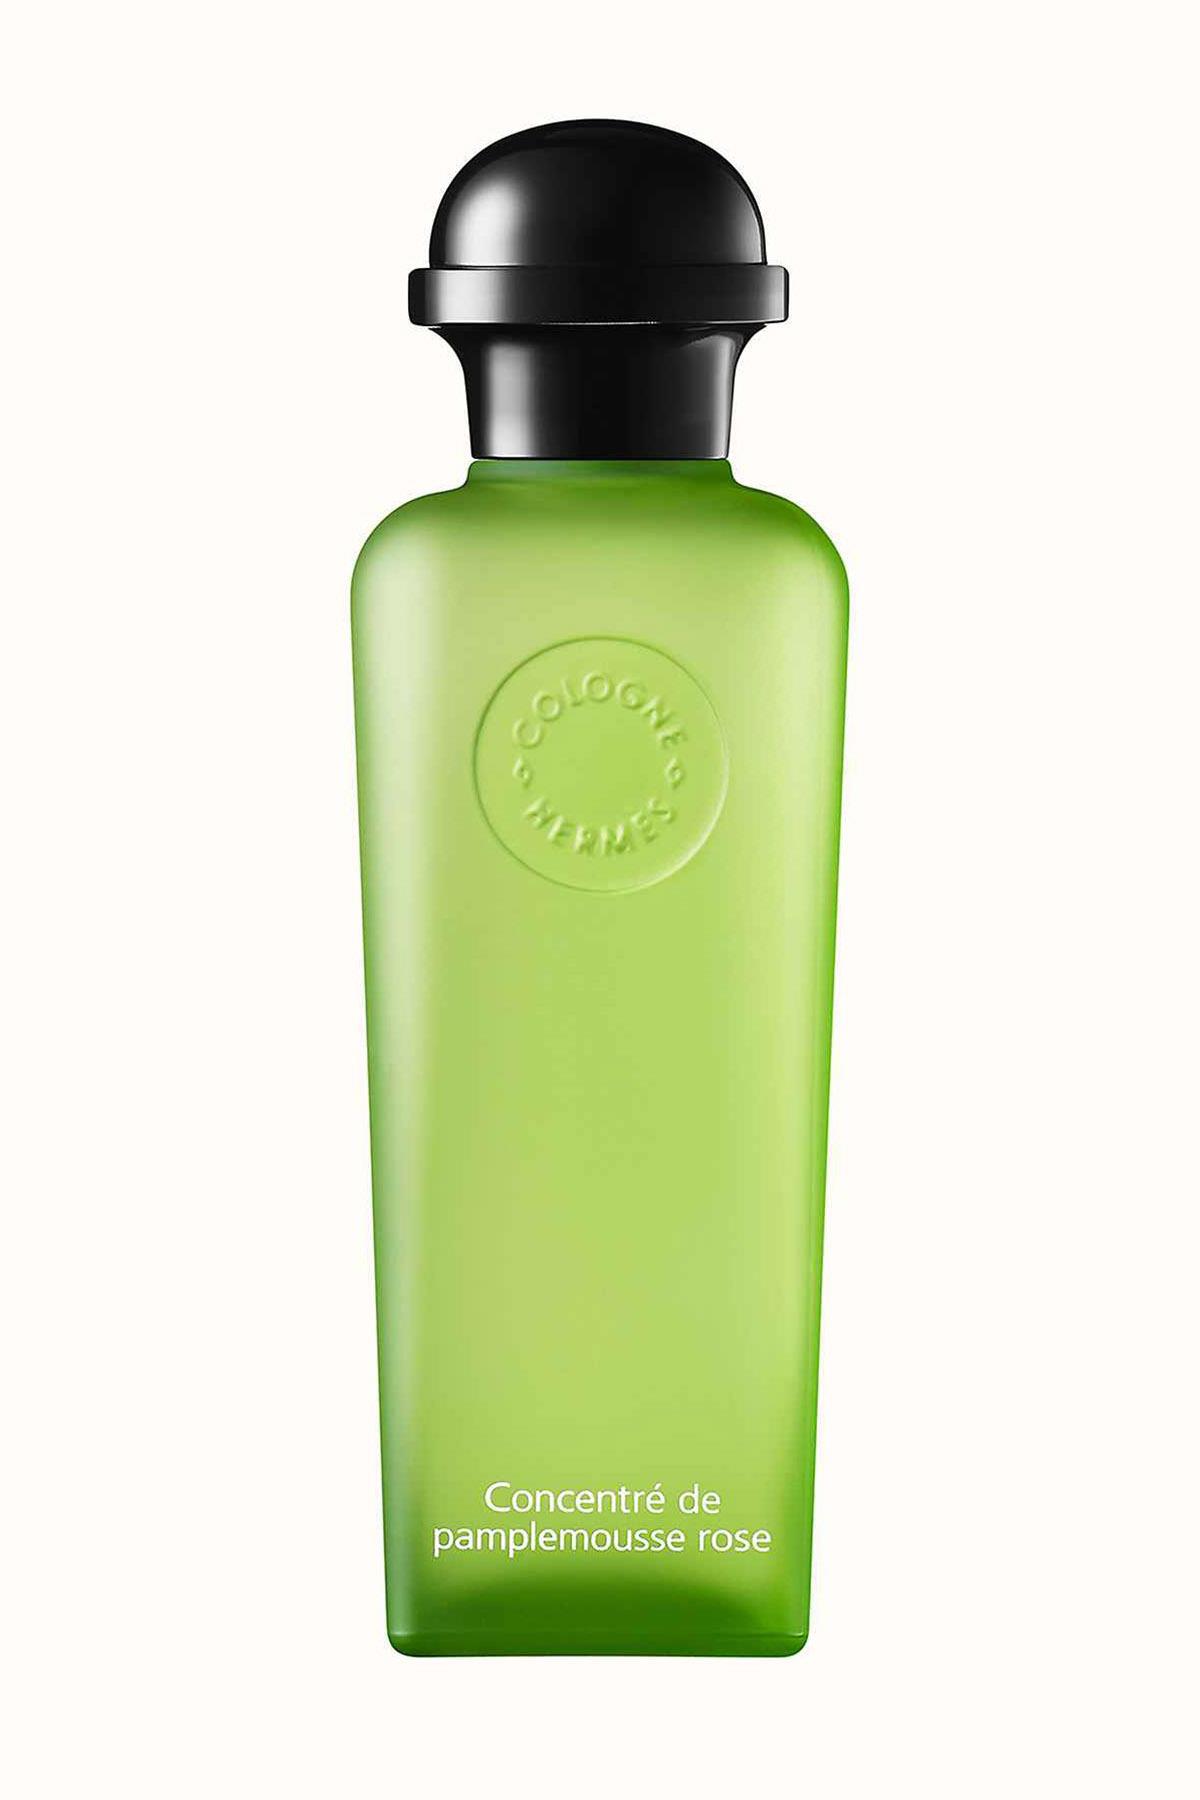 Hermes Concentre De Pamplemousse Rose EDT 200 ml